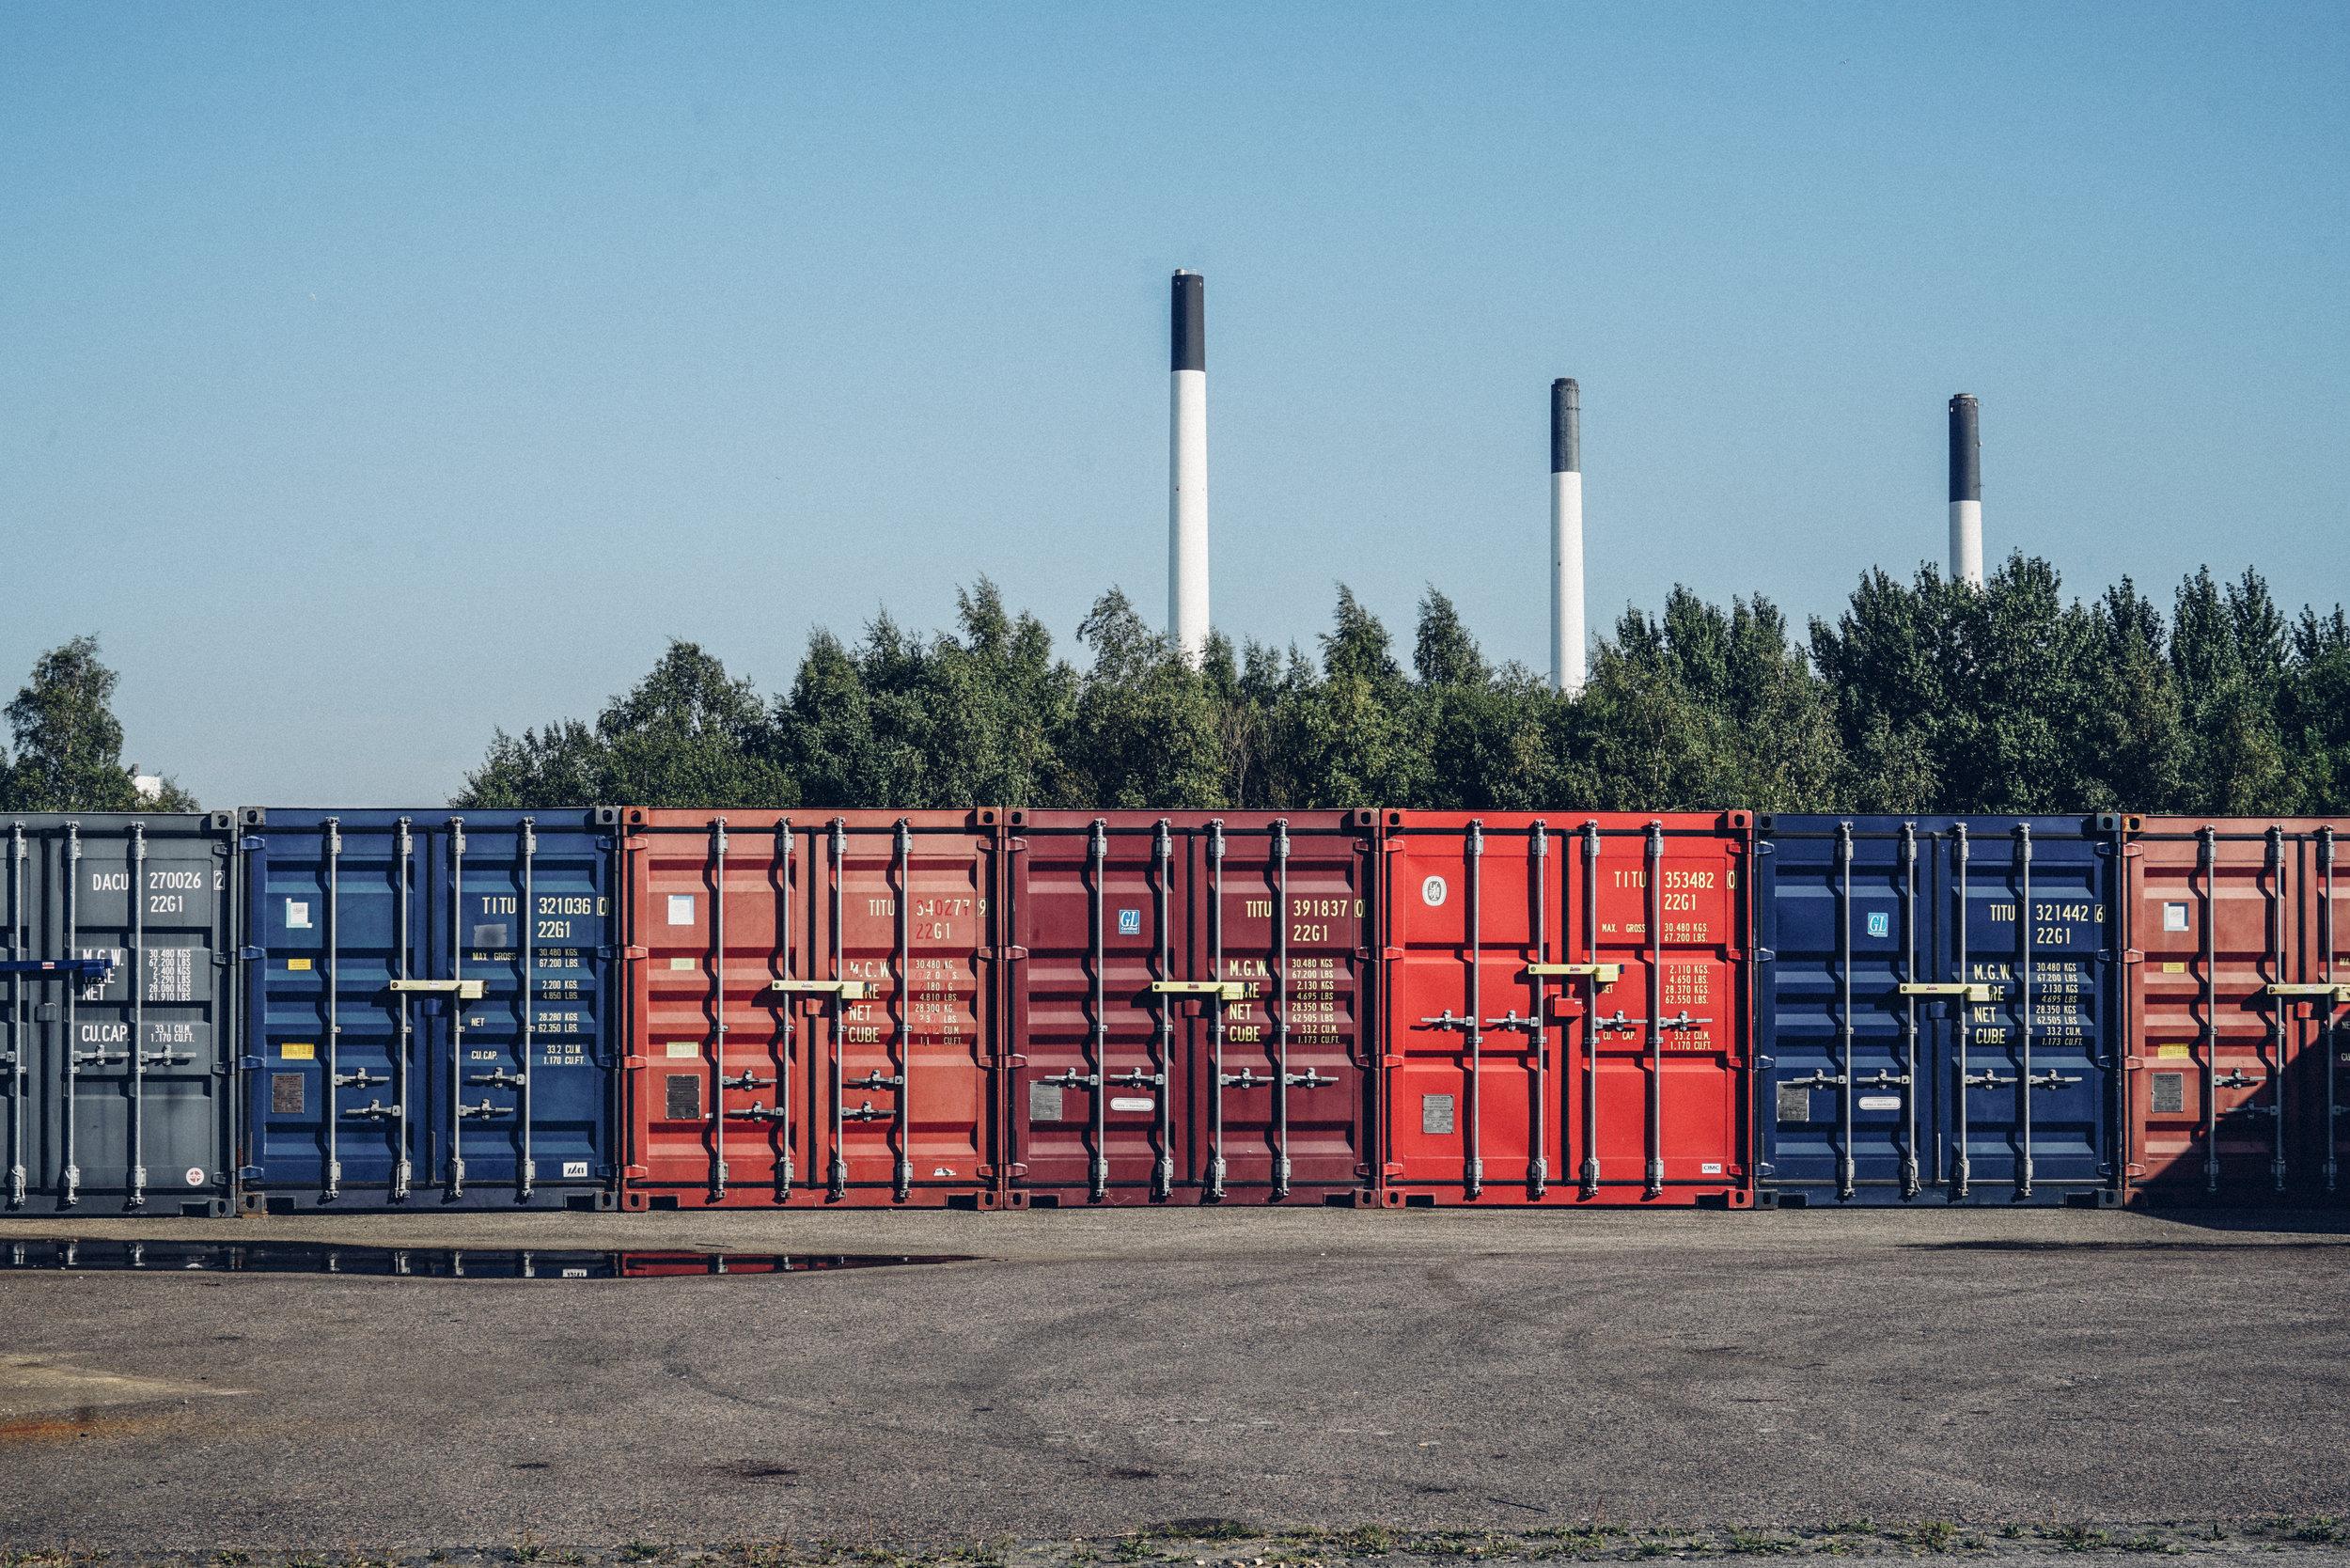 Copenhagen Suborbitals shipping containers